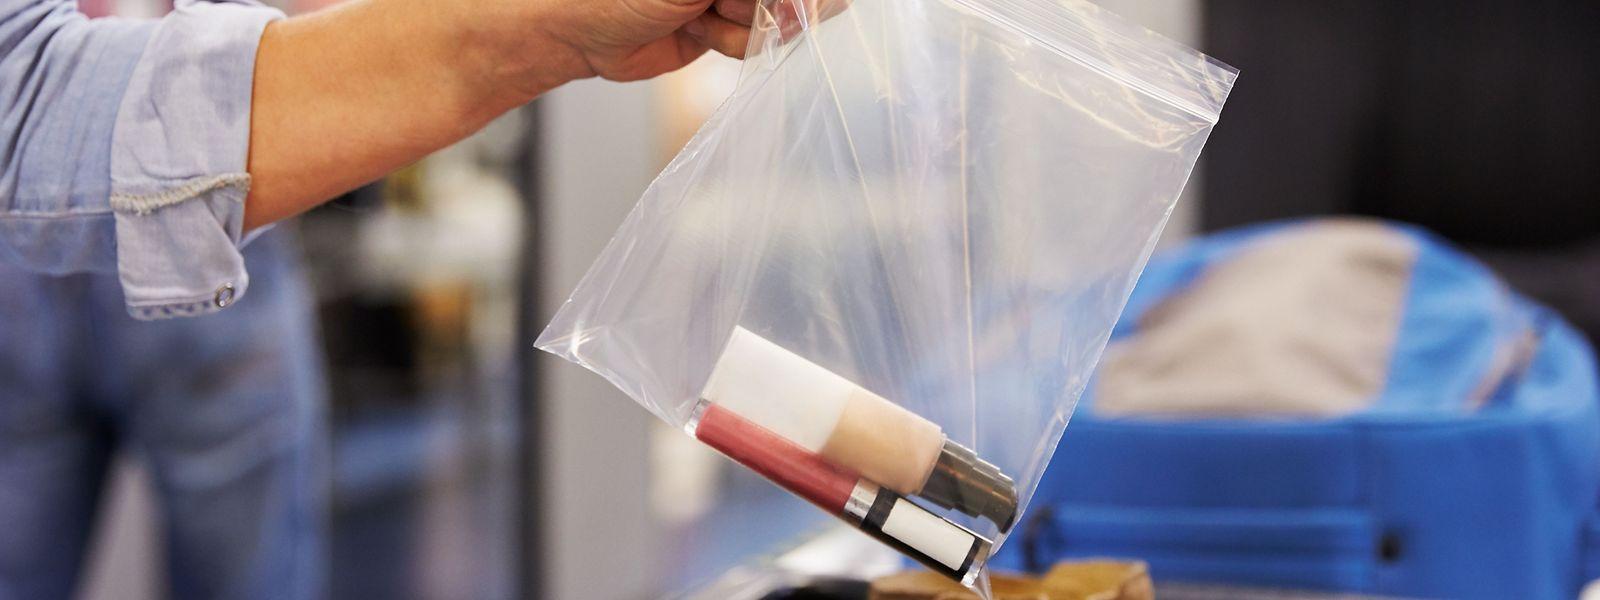 Nur Flüssigkeitsbehältnisse, die weniger als 100 Millimeter fassen, dürfen mit in den Abflugbereich genommen werden.